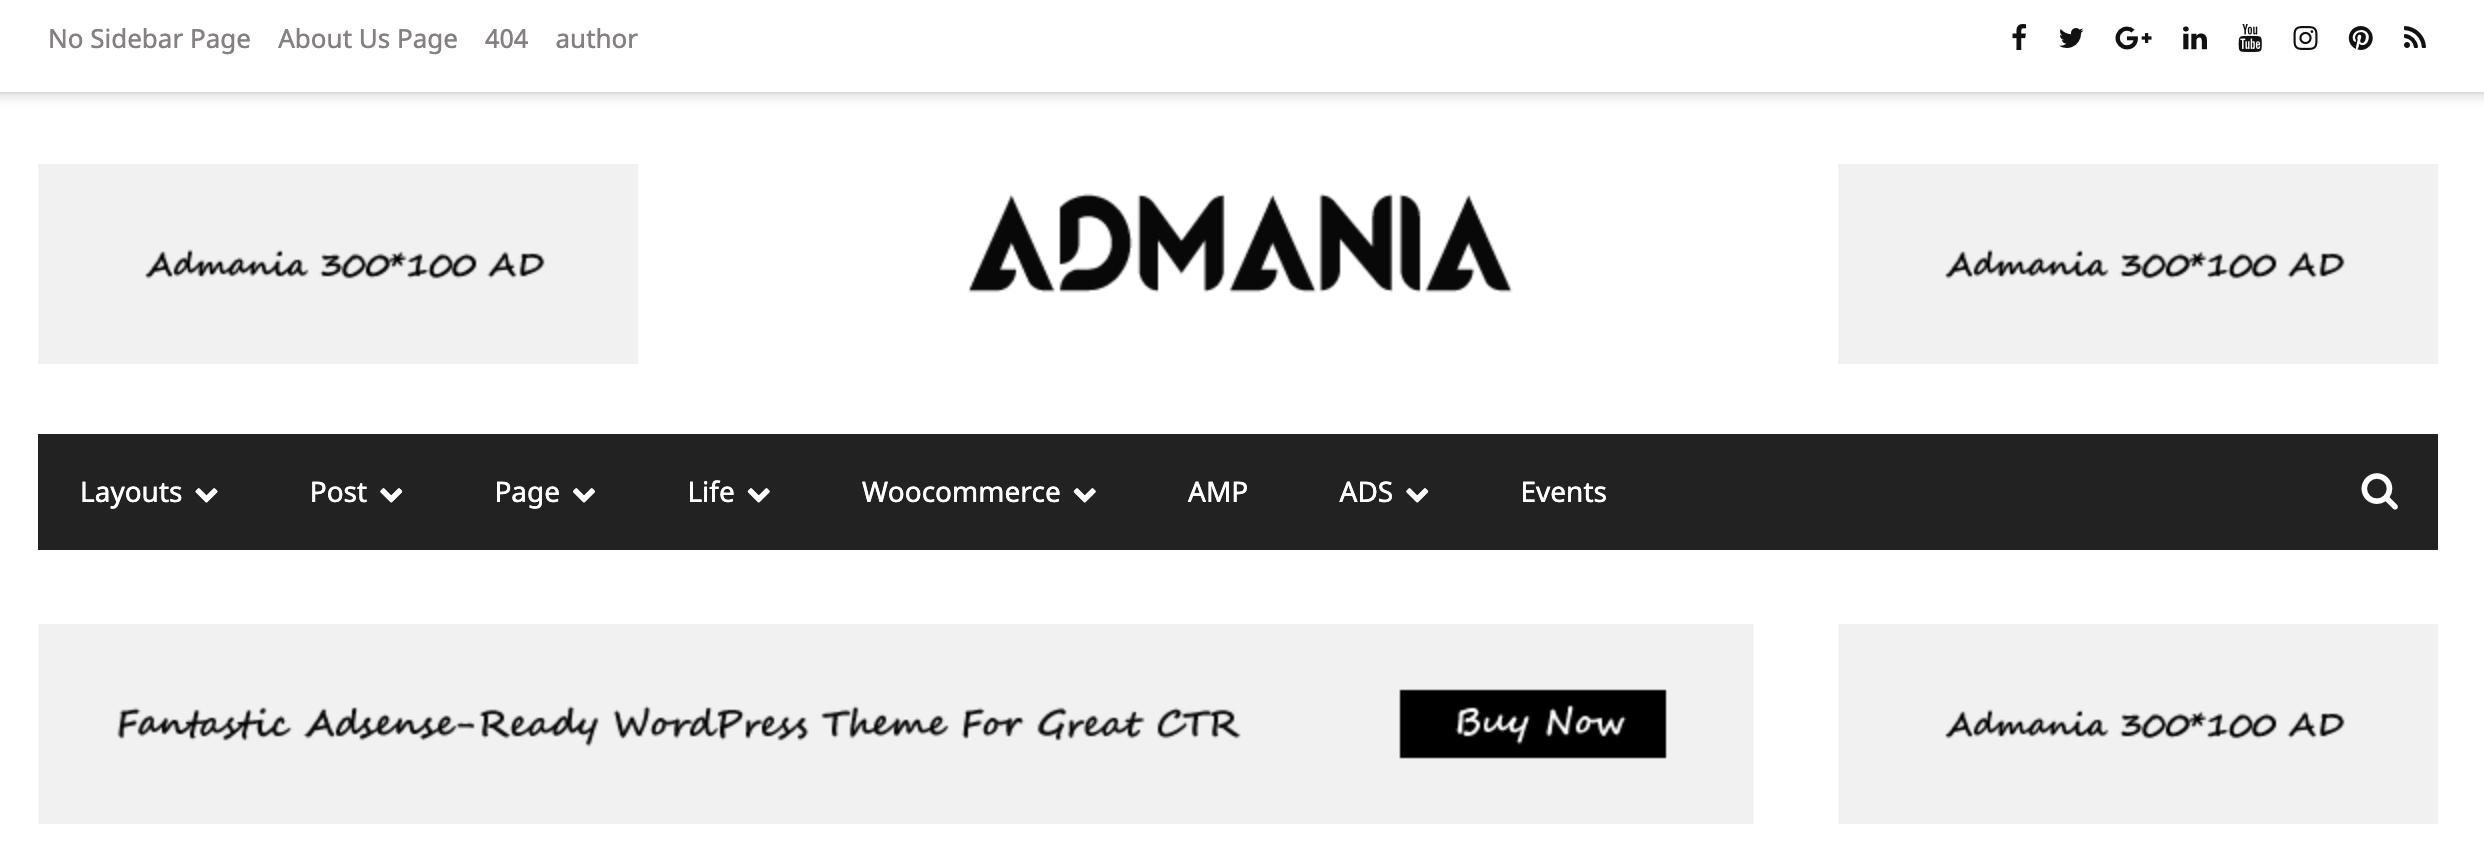 Admania Black Friday Deals 2019